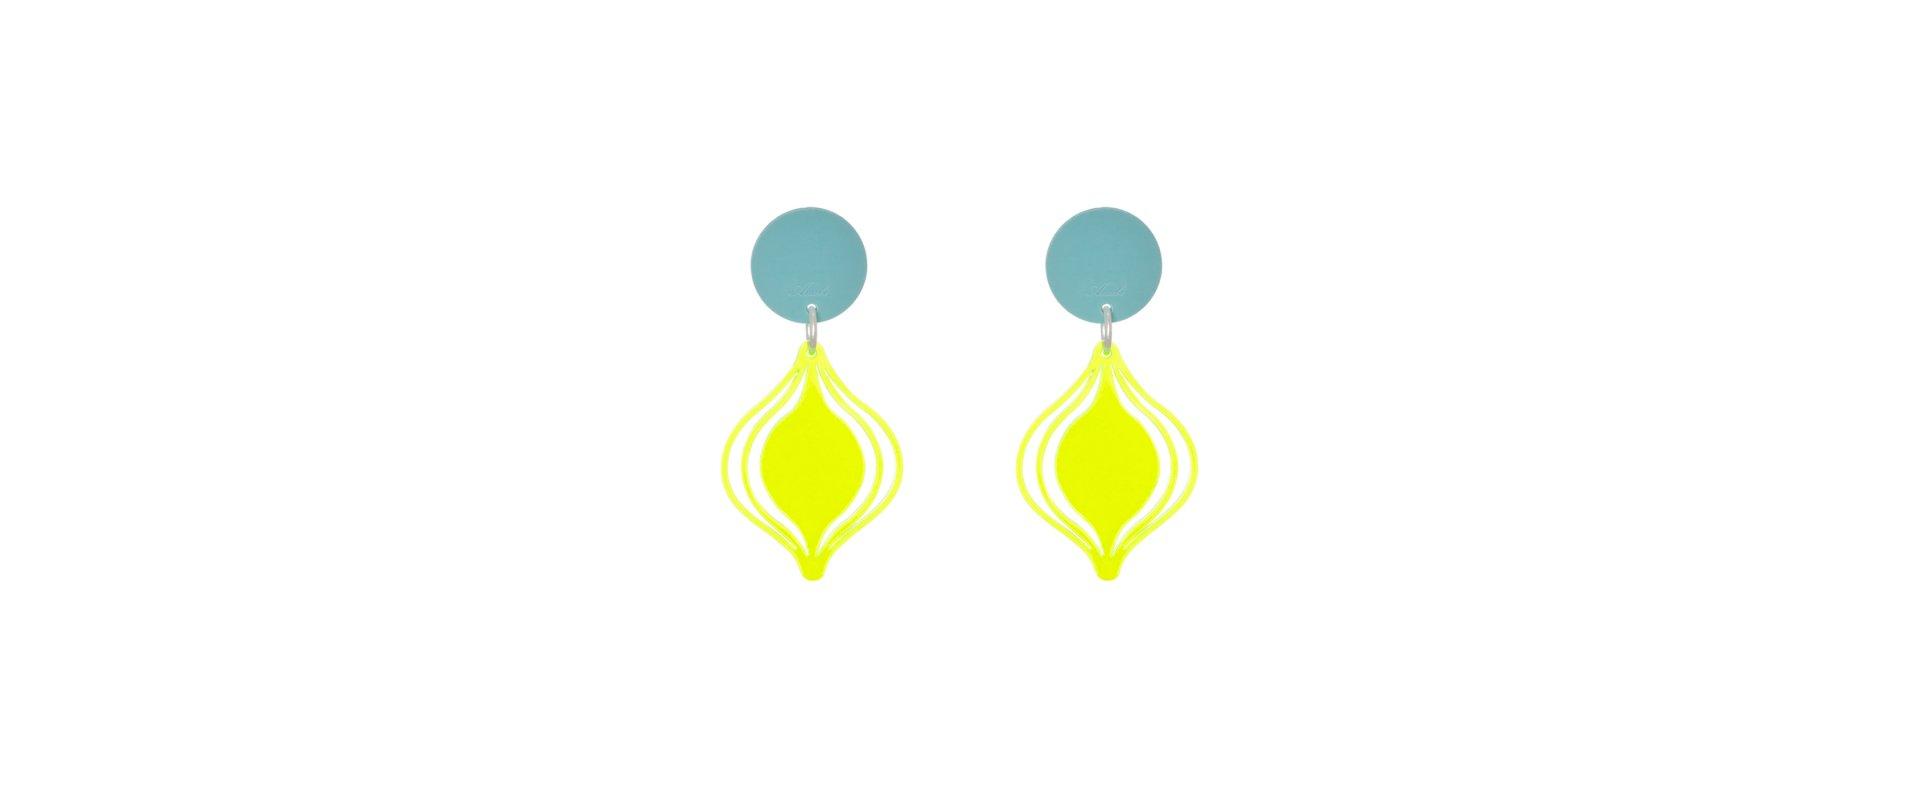 Fluor earrings farol mini in online store anabi.online